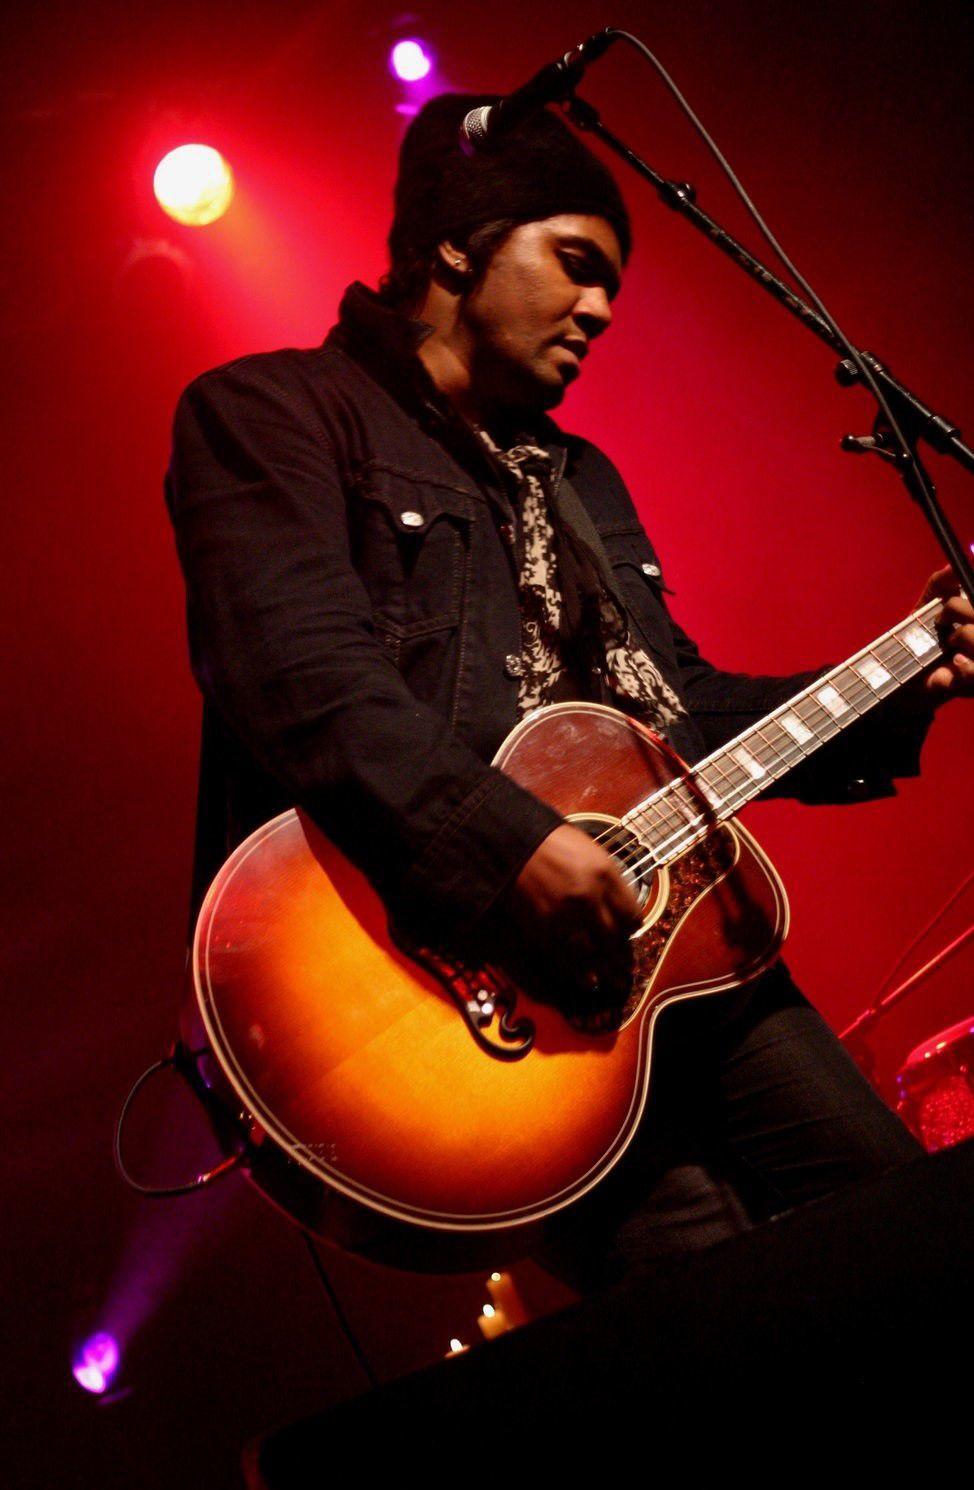 Singer/songwriter Jeffrey Gaines